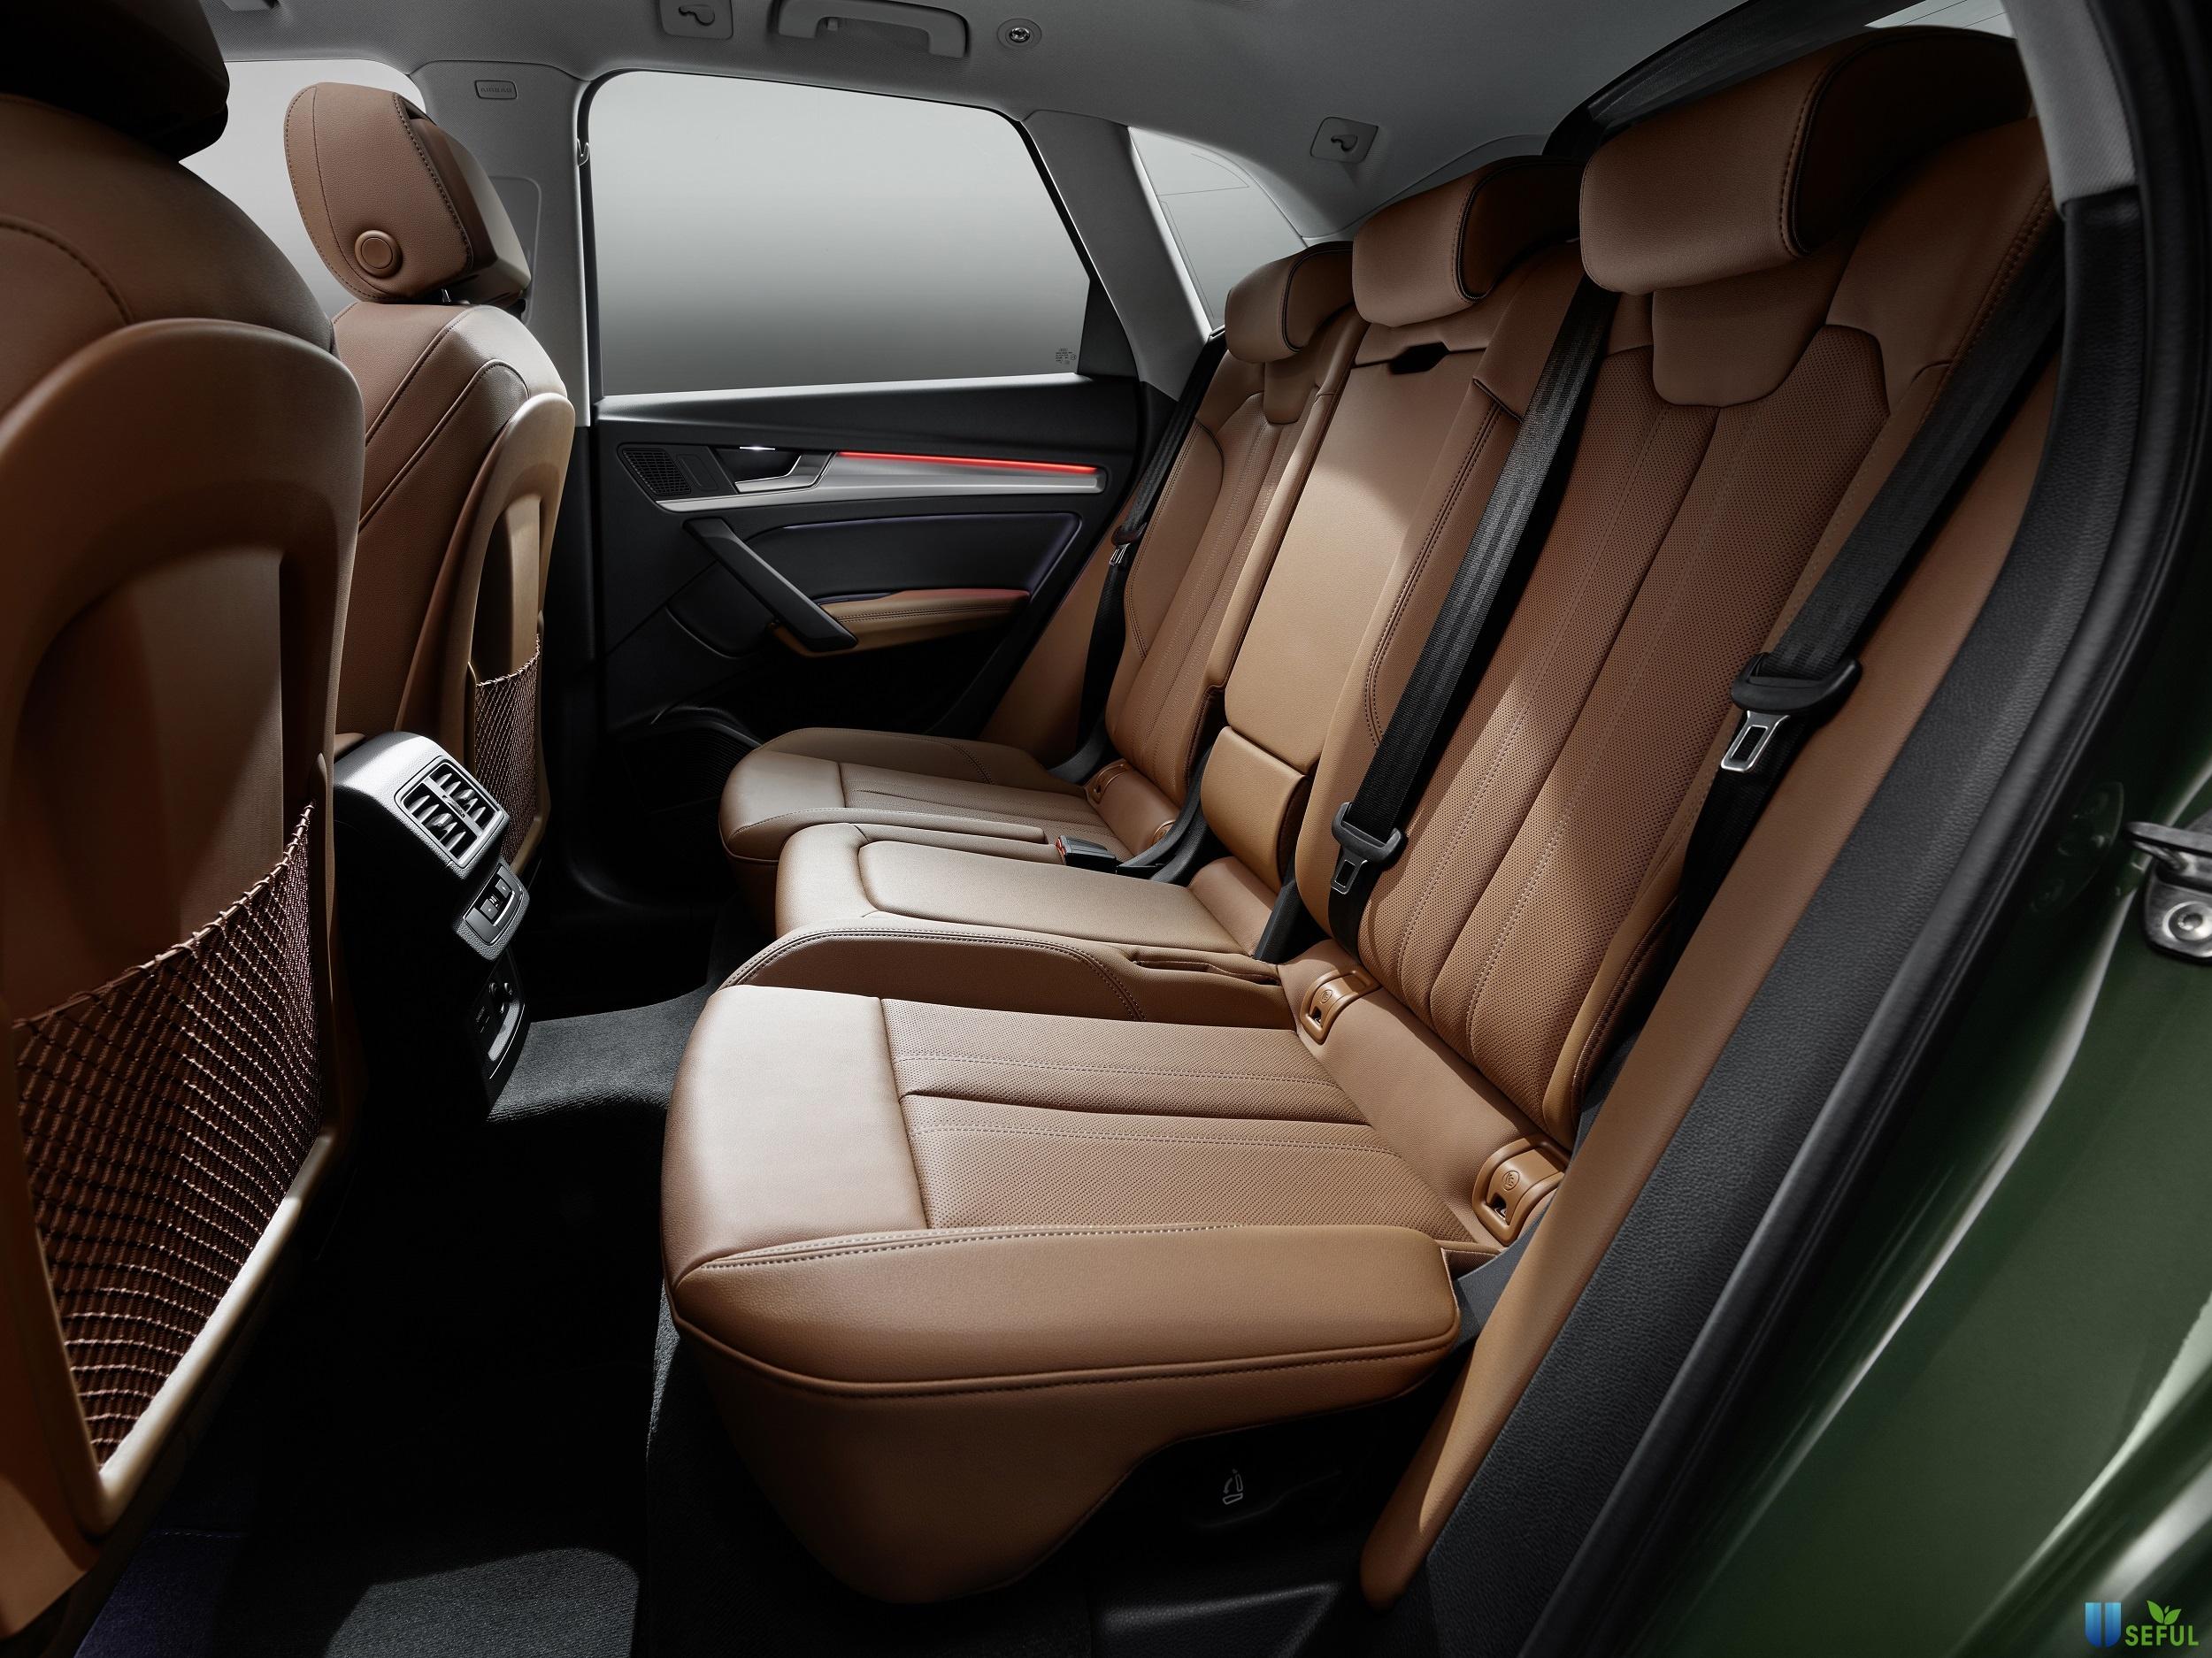 2021 Audi Q5 Photo Gallery   Autoblog